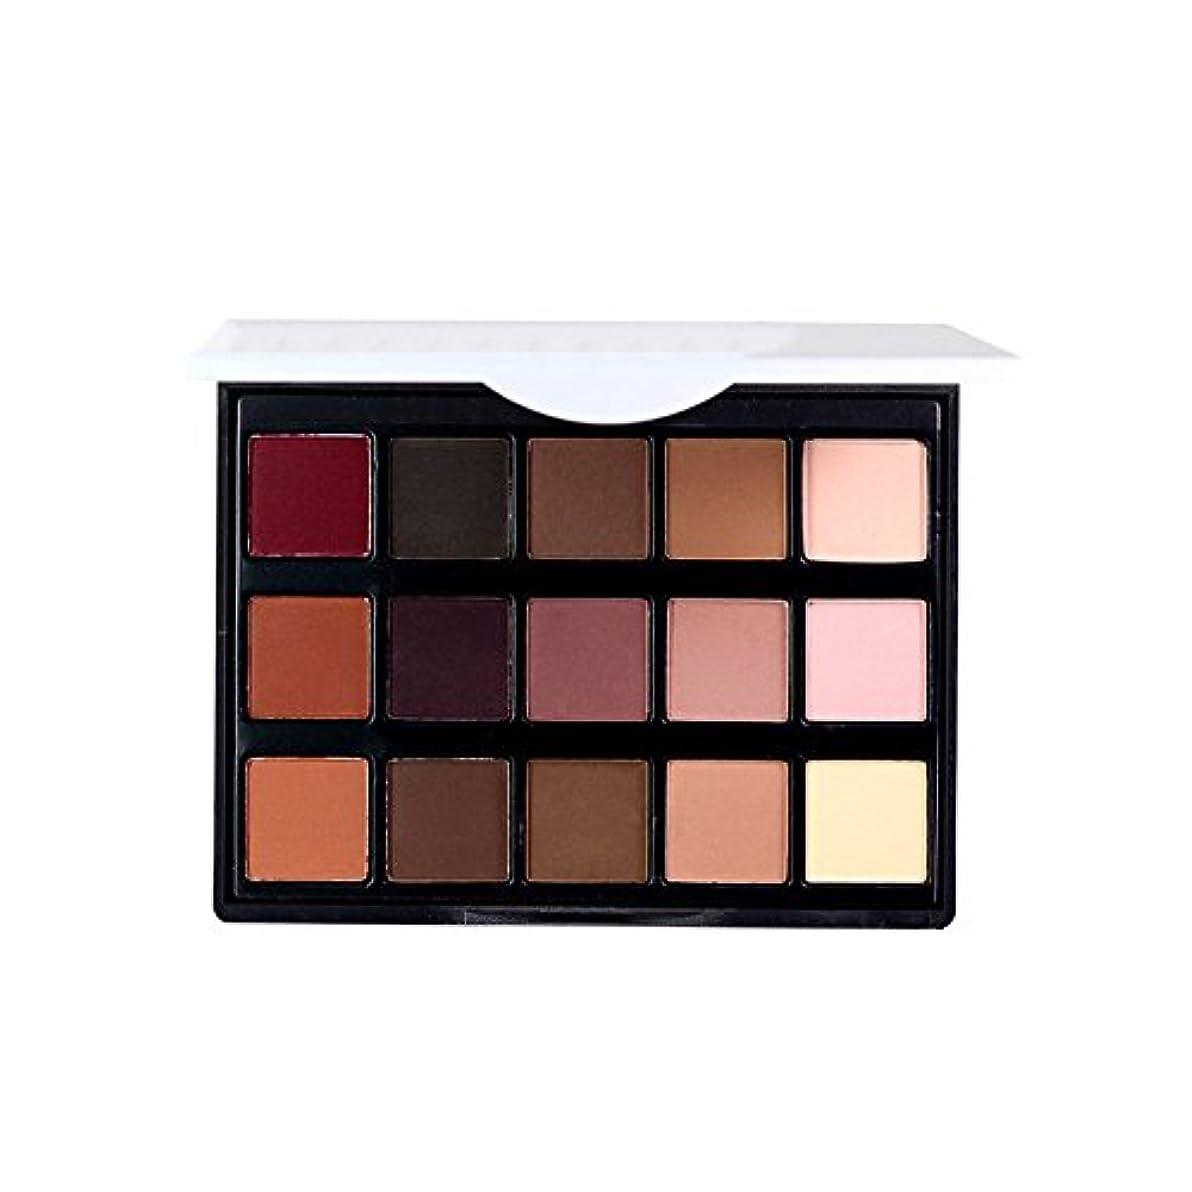 切断する賛辞お嬢女性 プロフェッショナル15色 眼 影 化粧品 パレット アイシャドウ アイメイク アップ化粧品 1